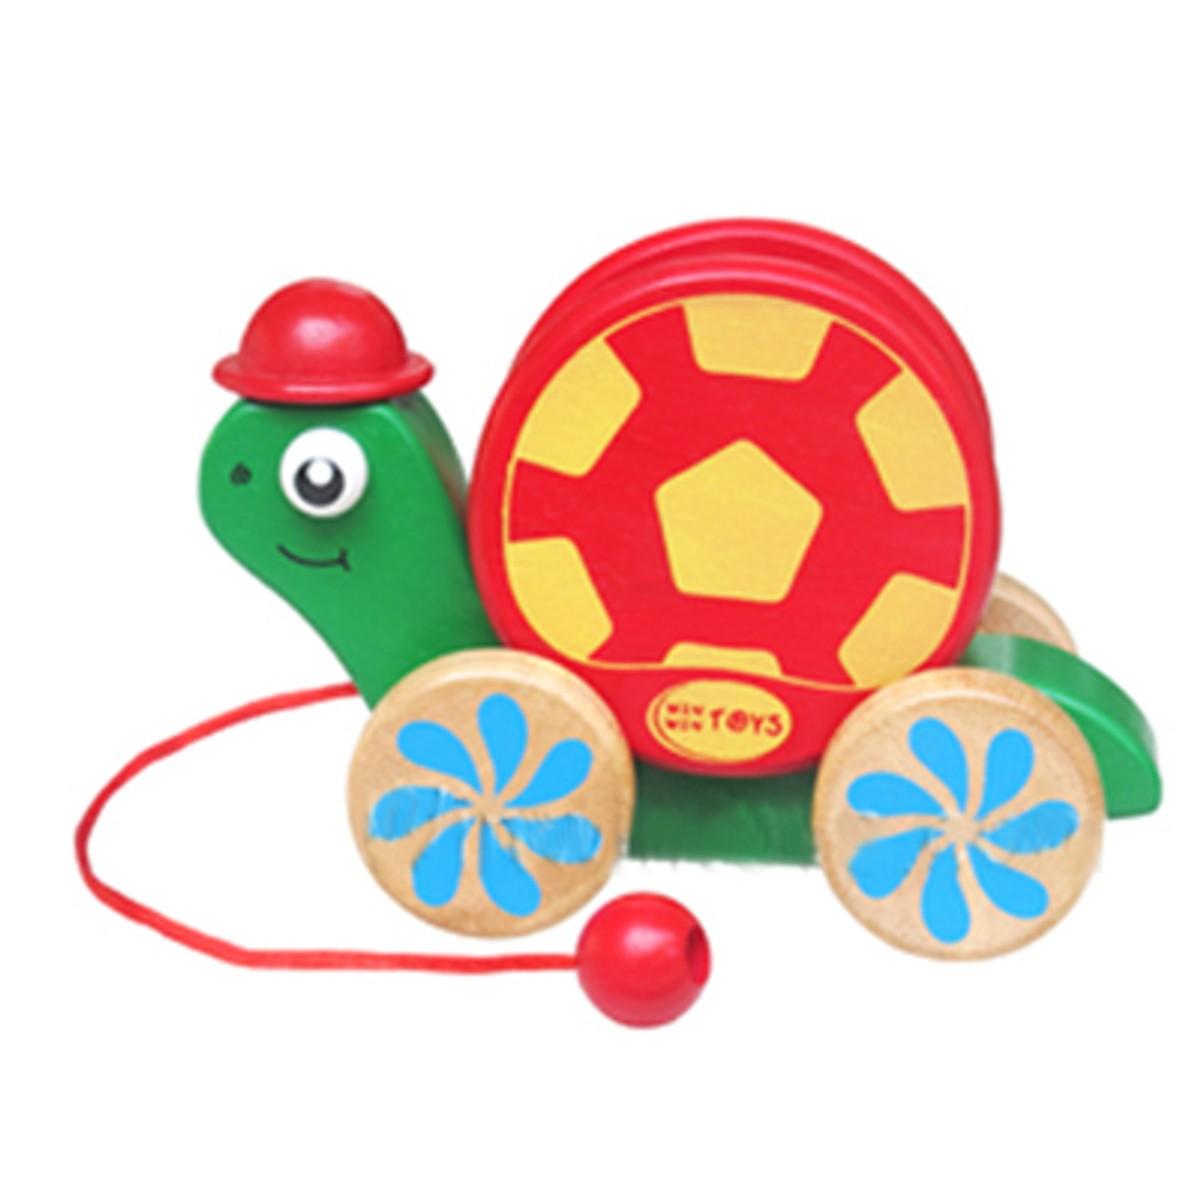 Rùa Con Vui Vẻ Mk - Đồ chơi gỗ